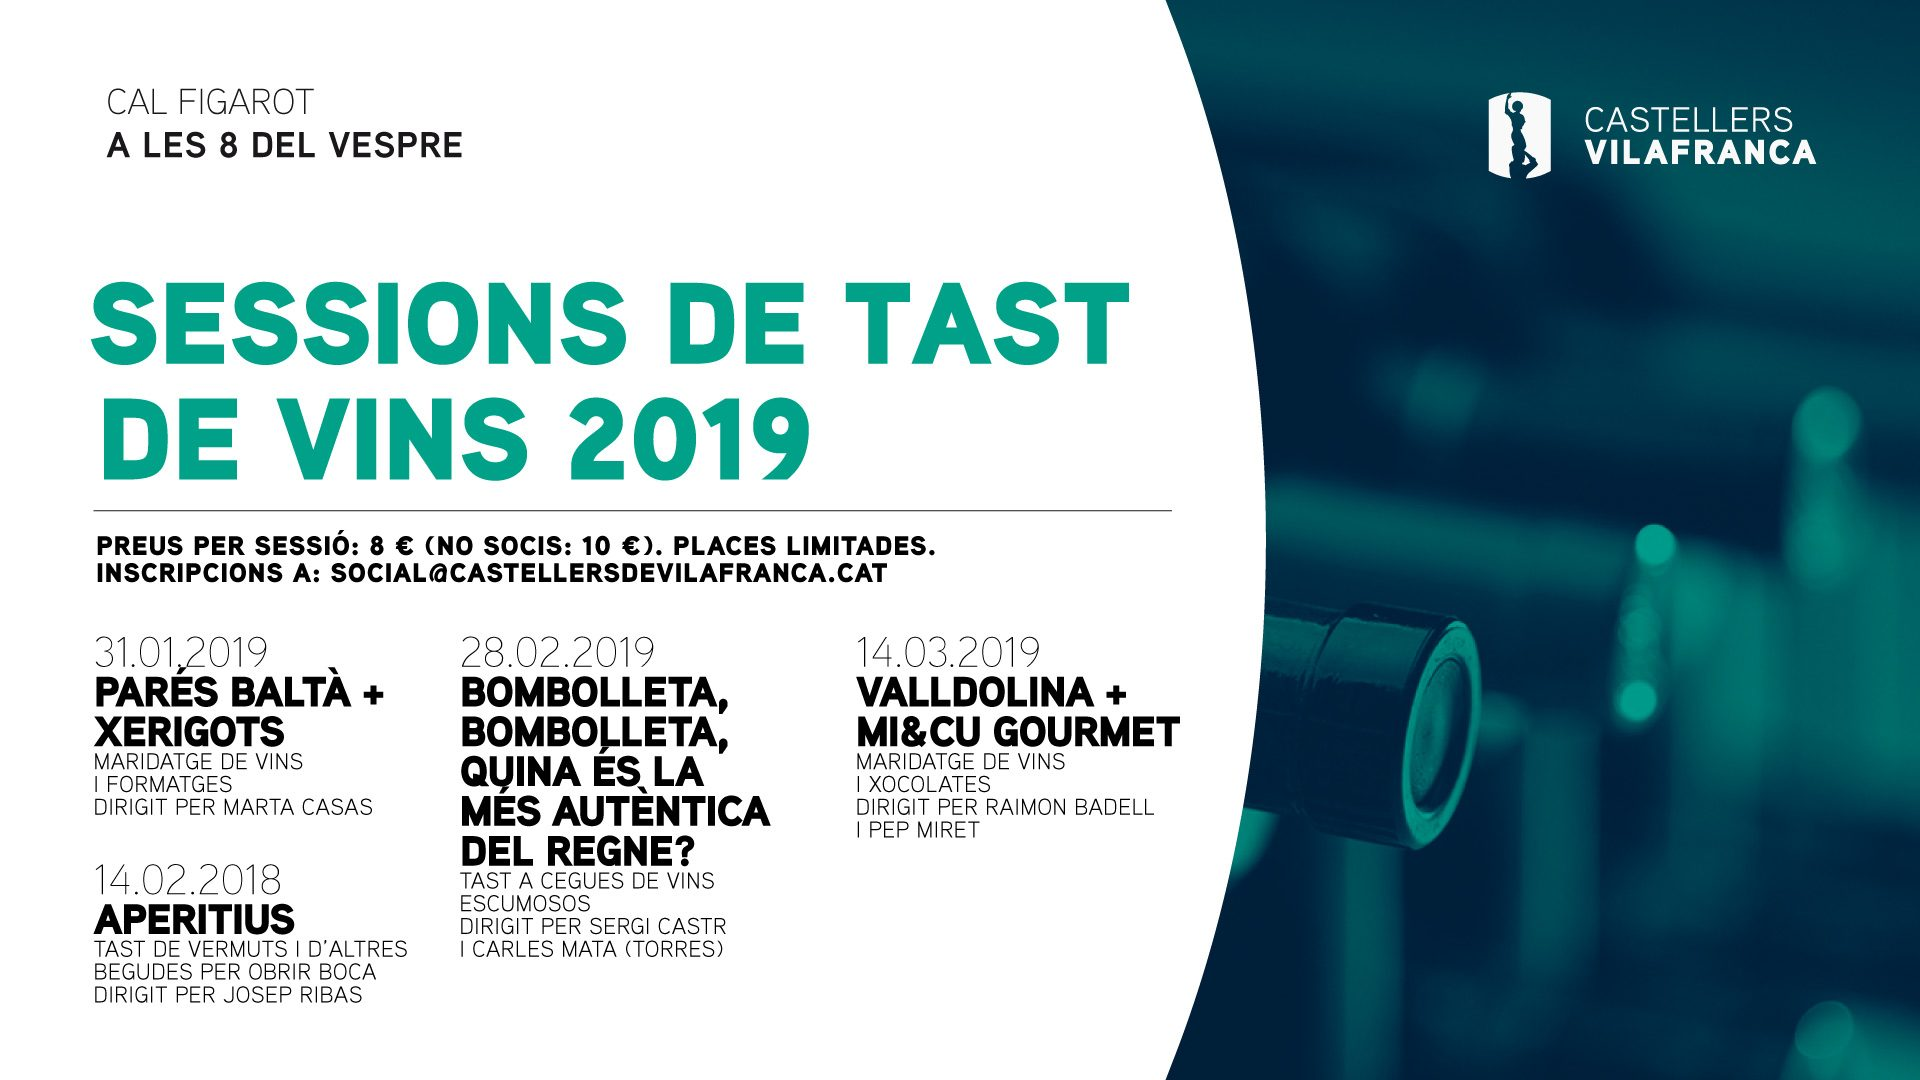 Sessions de tast de vins 2019